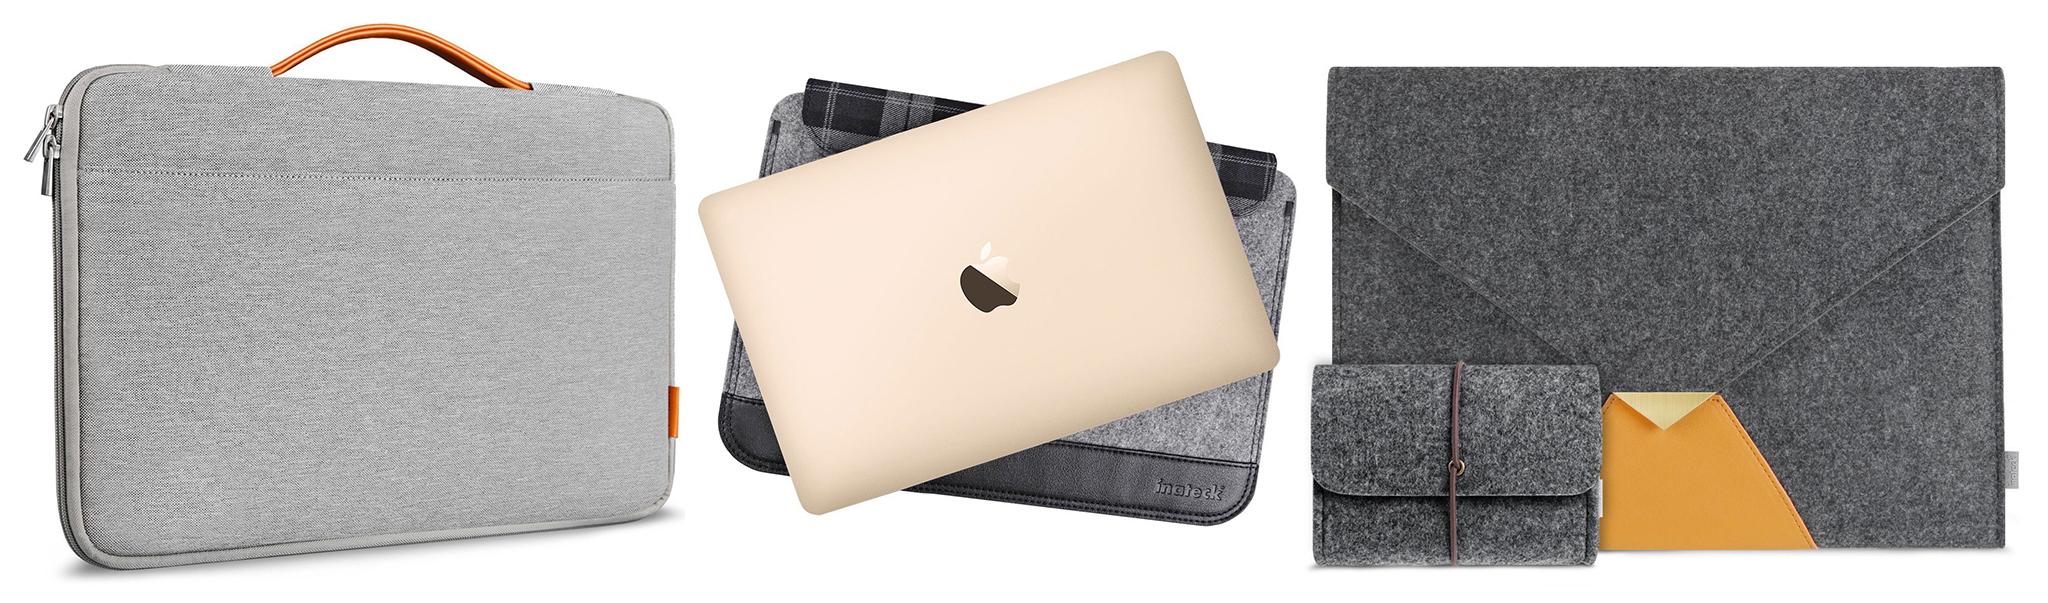 inateck-macbook-cases